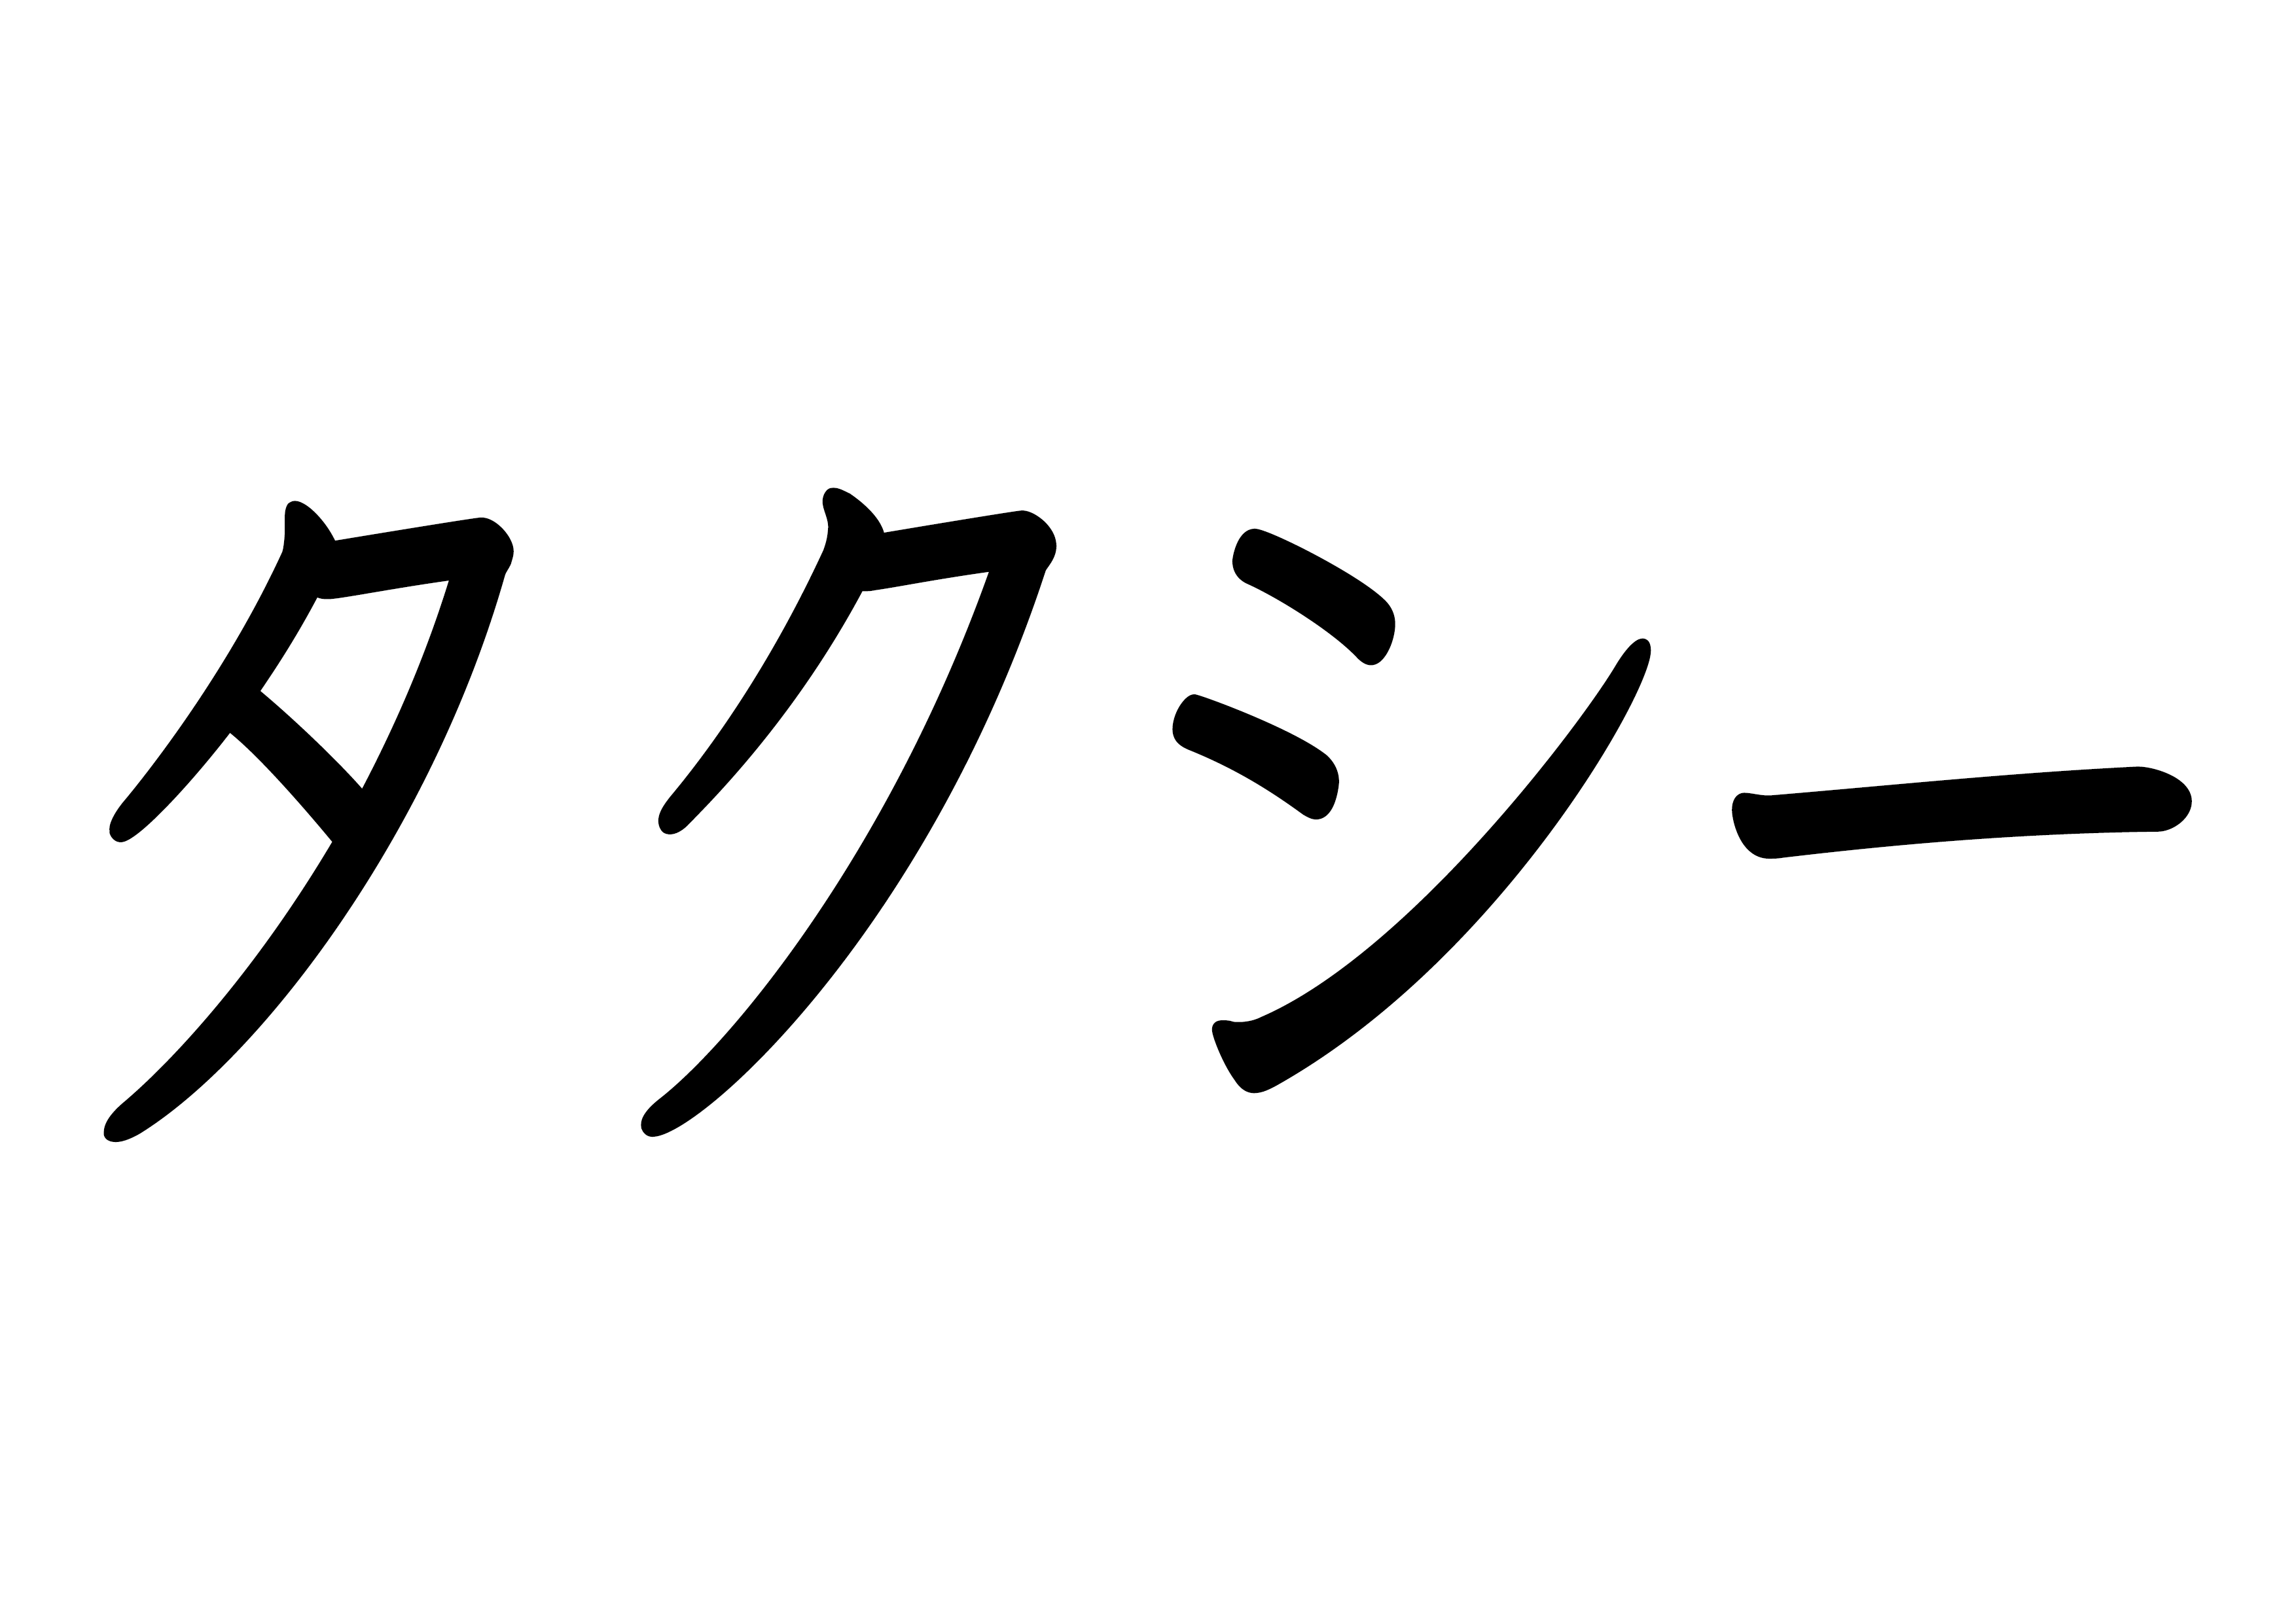 カタカナ【タクシー】